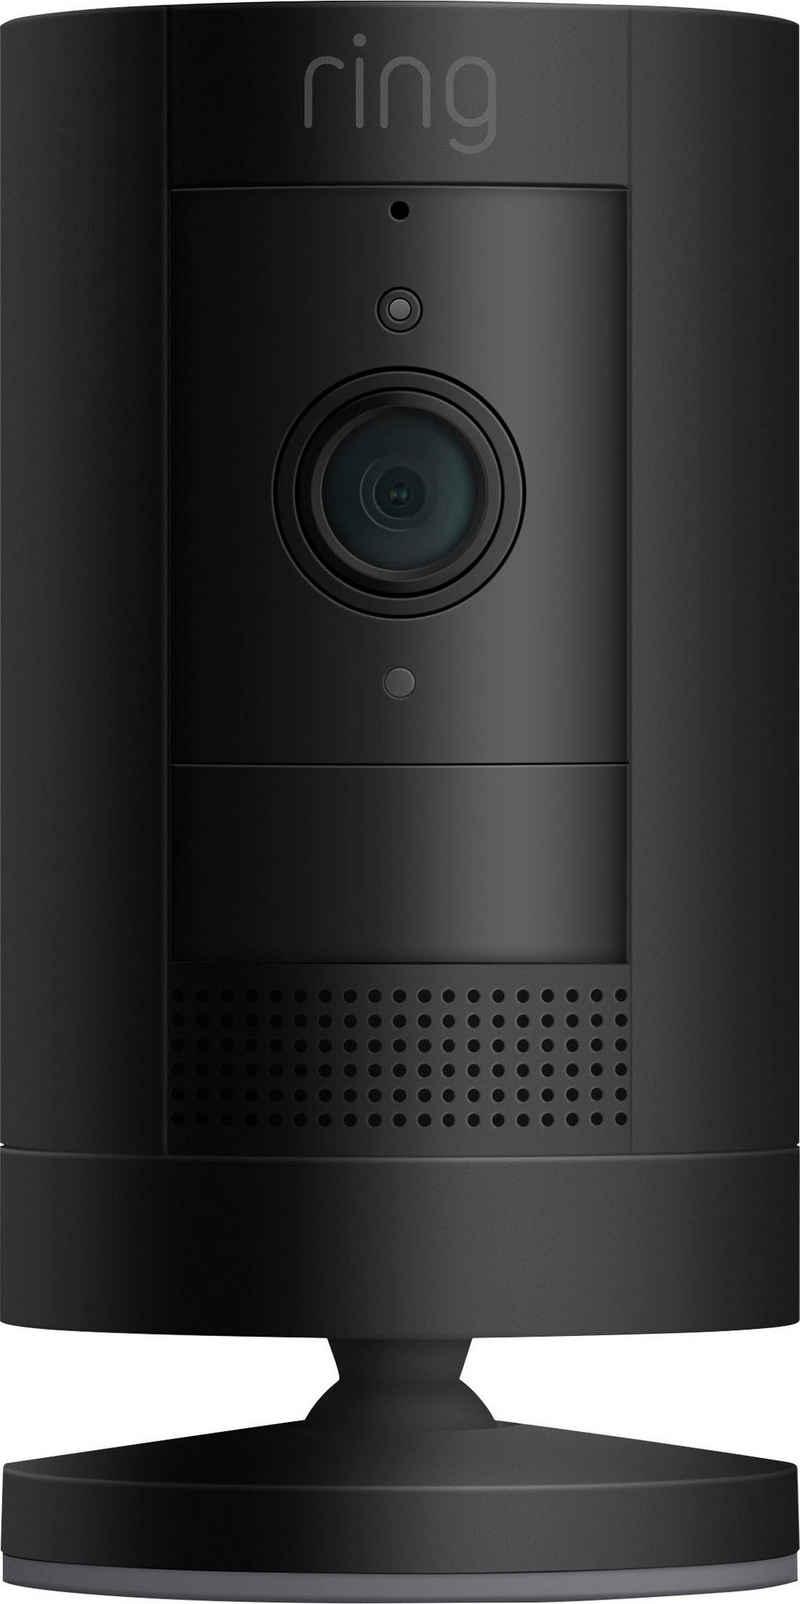 Ring »Stick Up Cam Plugin« Überwachungskamera (Innenbereich, Außenbereich)